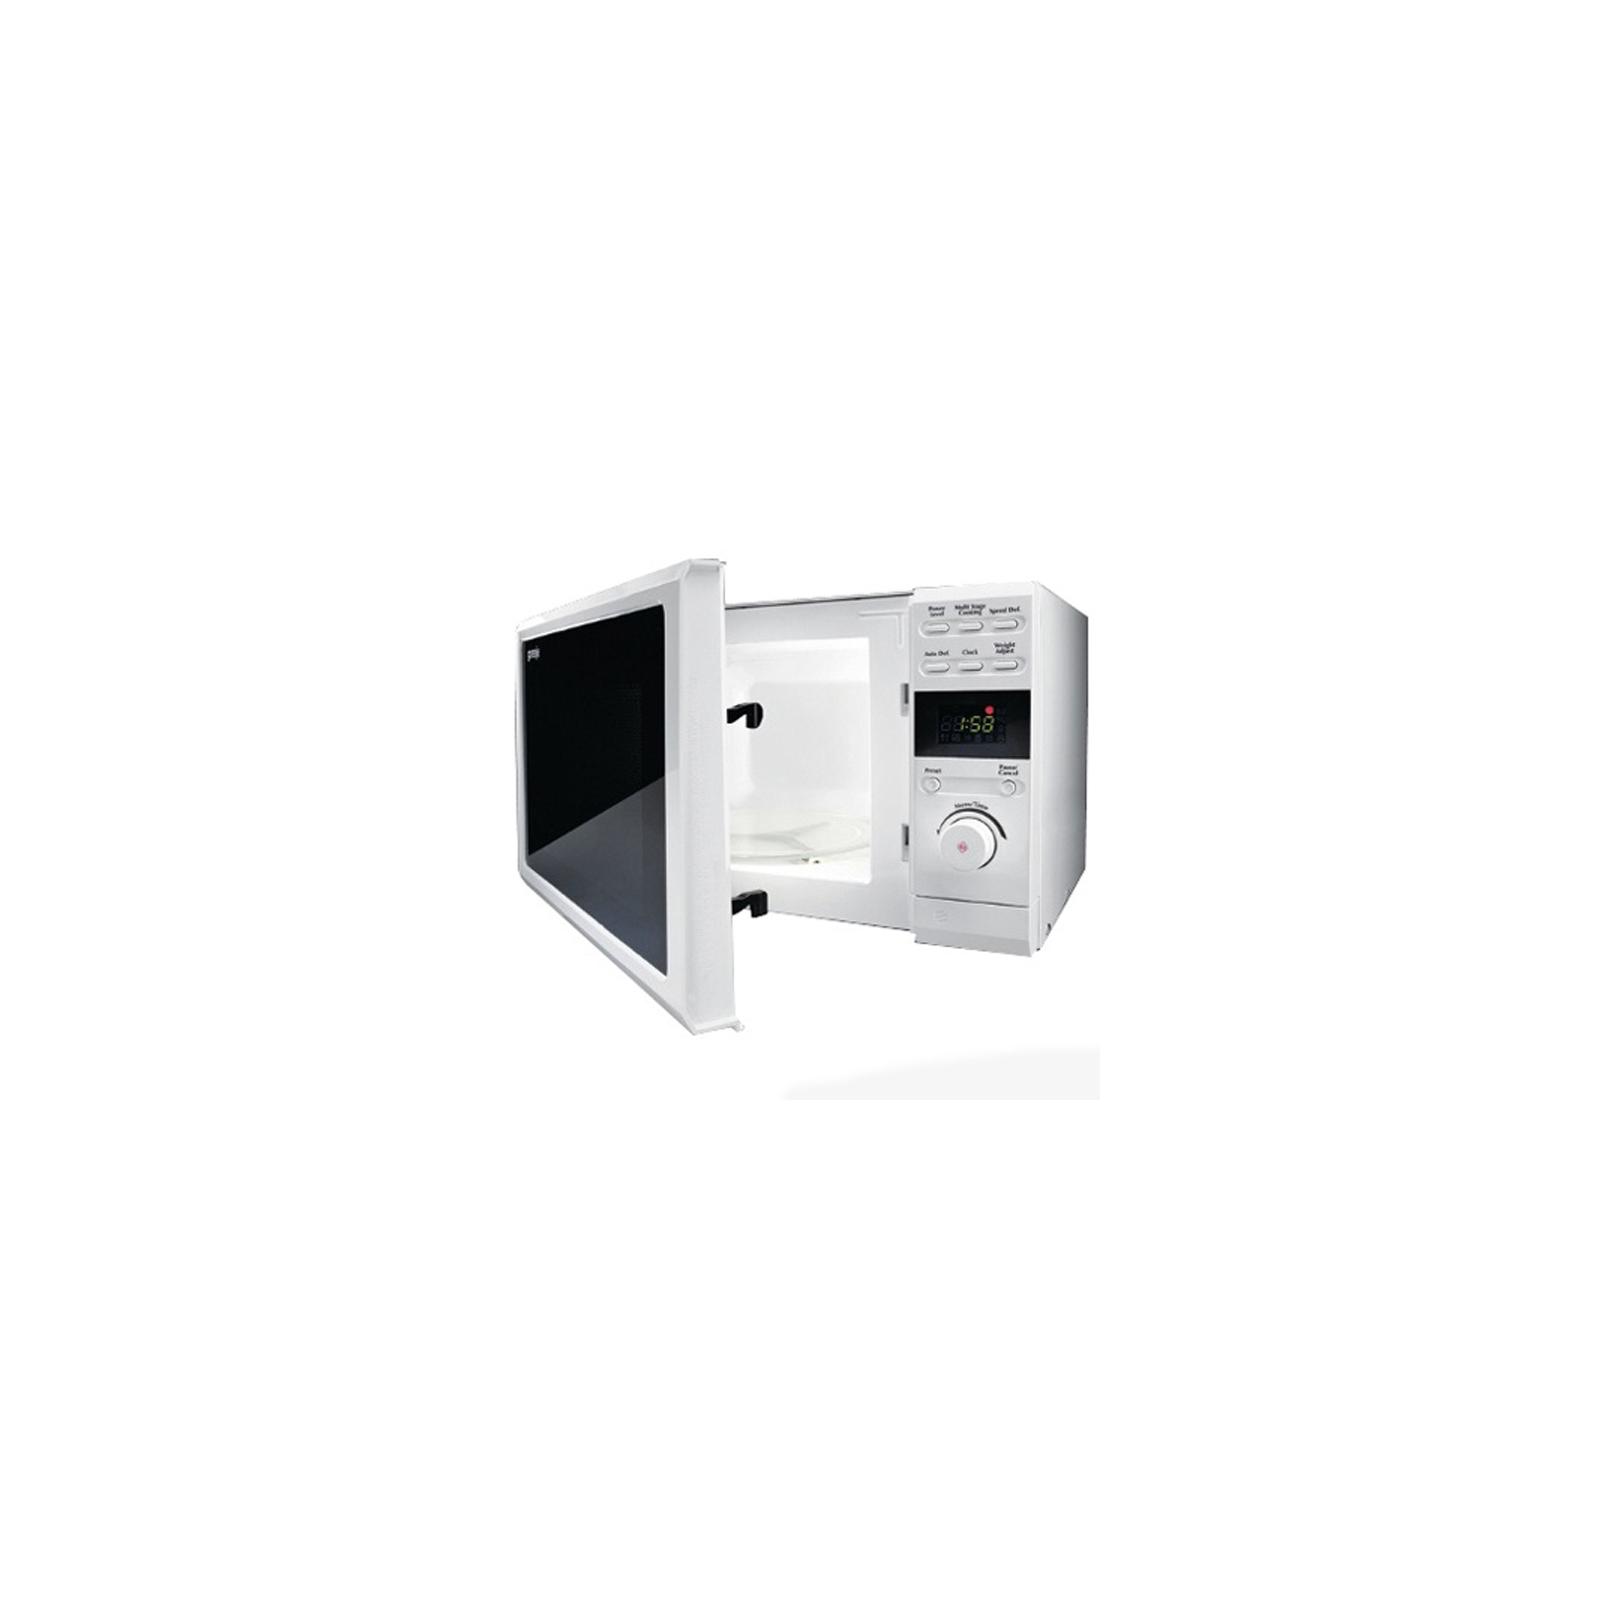 Микроволновая печь Gorenje MO17DW изображение 3